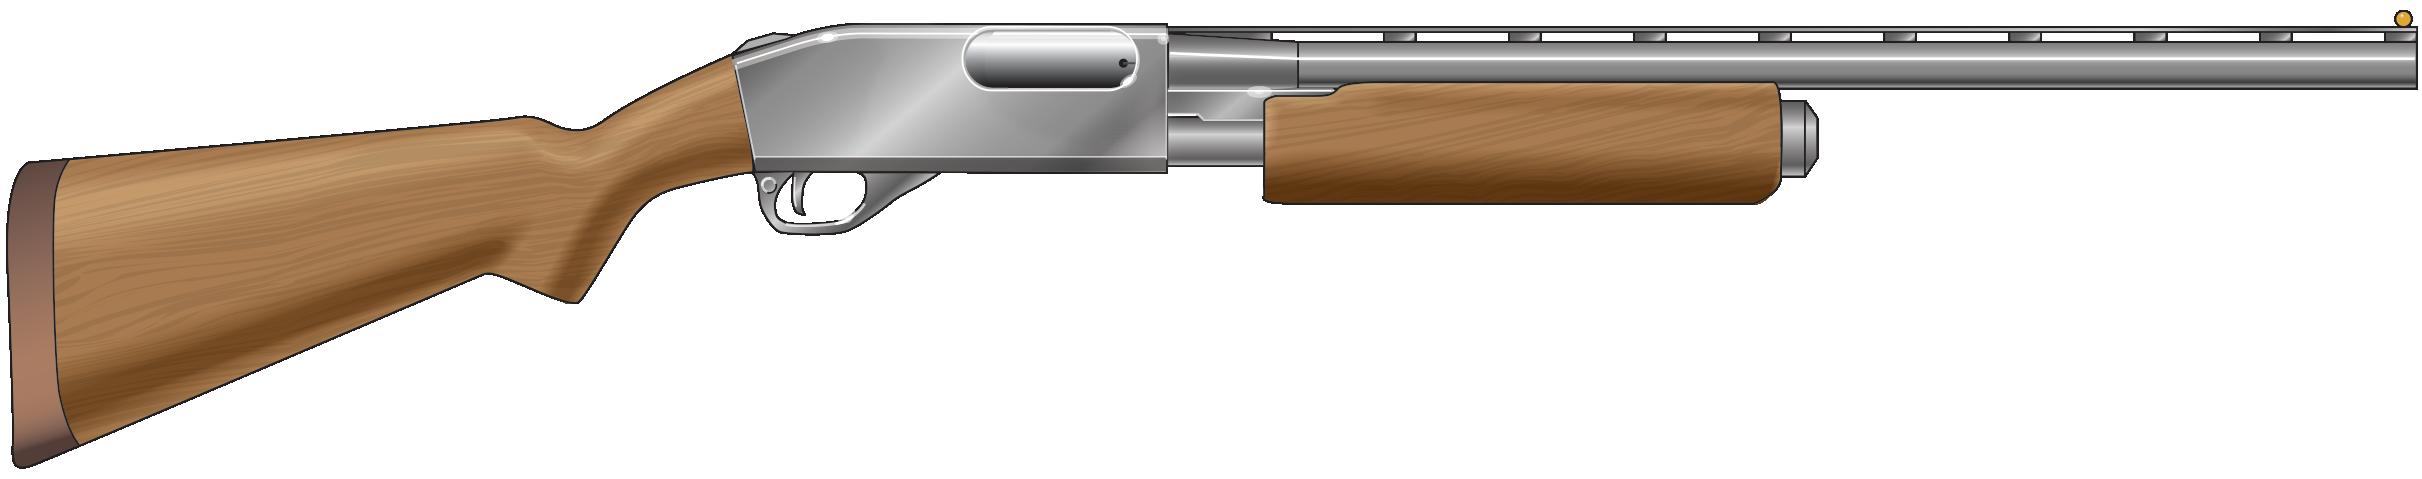 Drawn shotgun pump action Action  South a Carolina